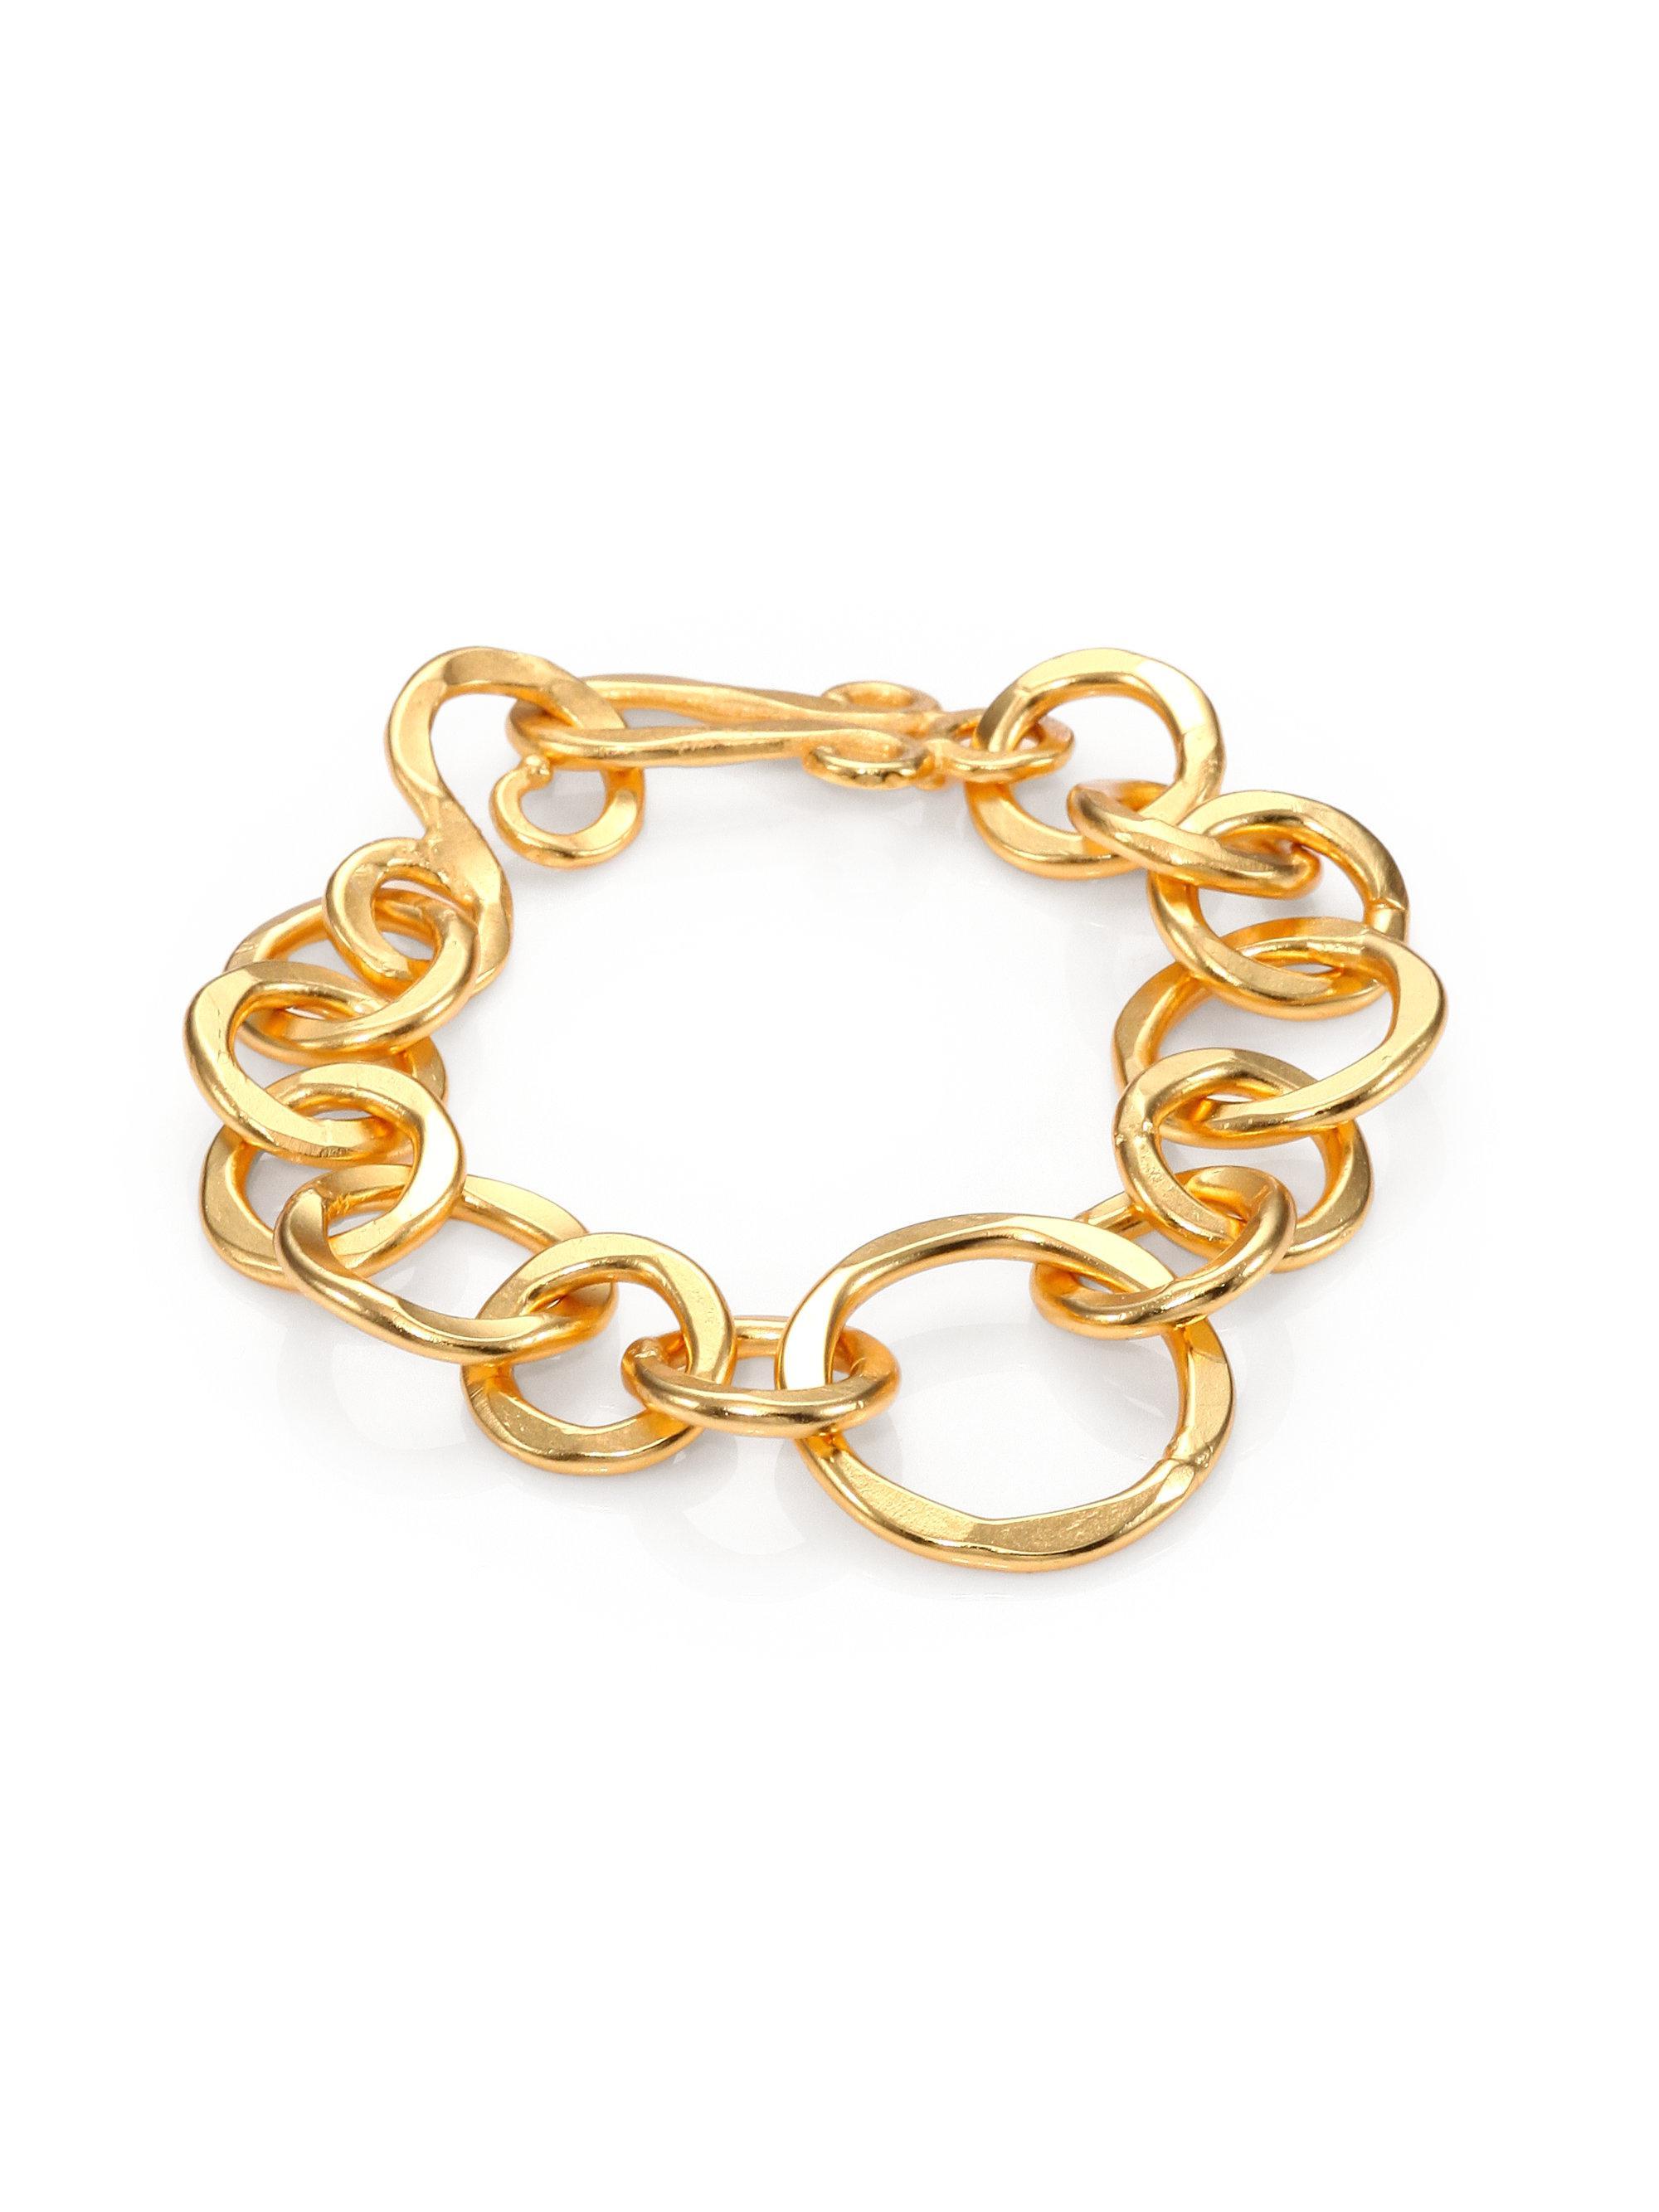 Stephanie Kantis Organic Mixed Bracelet B8DsbxhOlZ